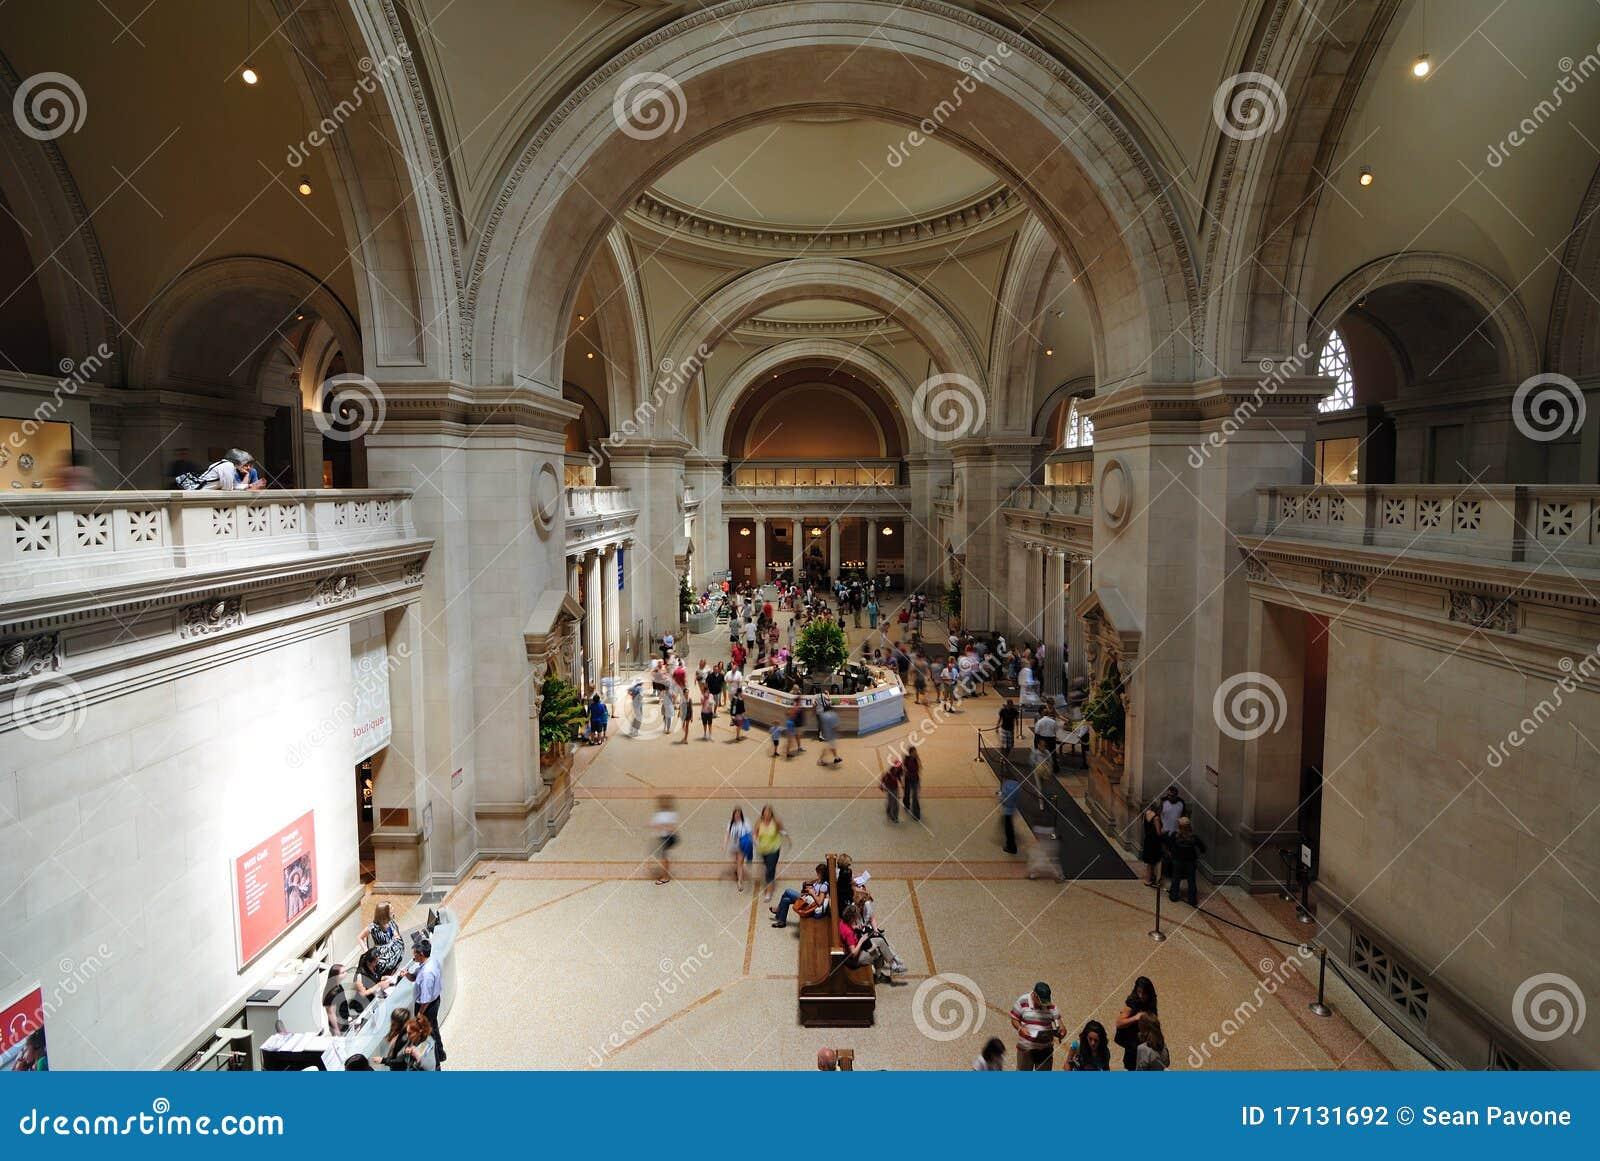 Museu de arte metropolitano